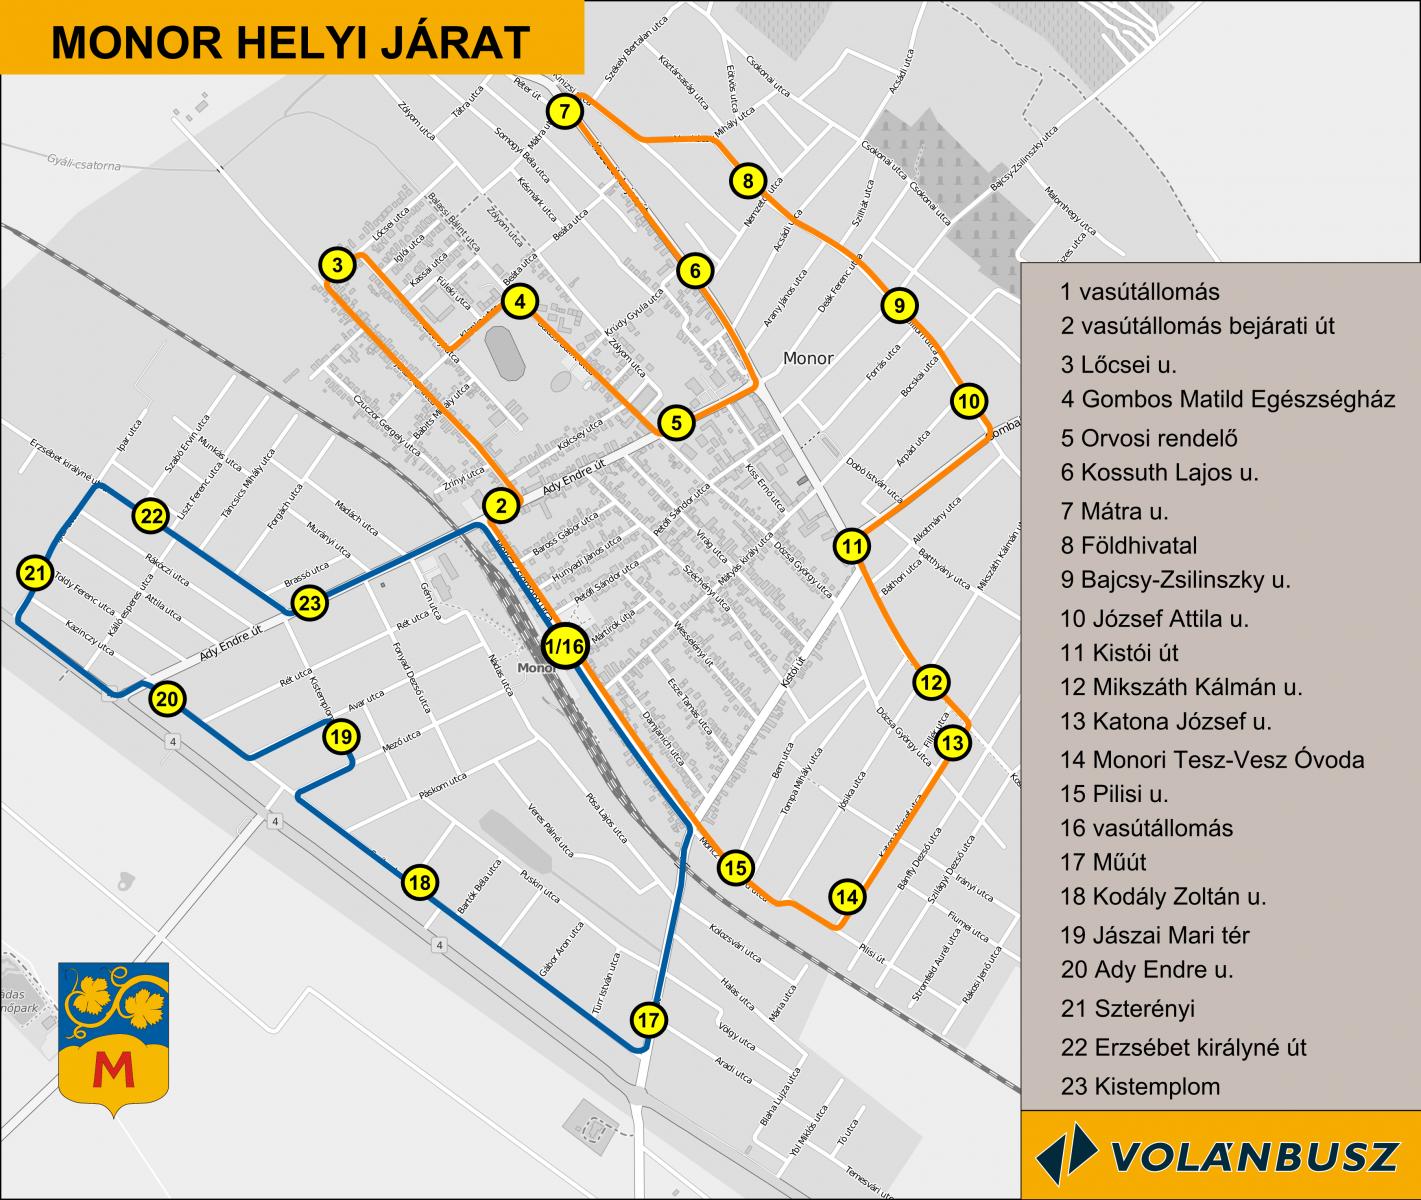 Június 16-tól módosul a helyi járat útvonala